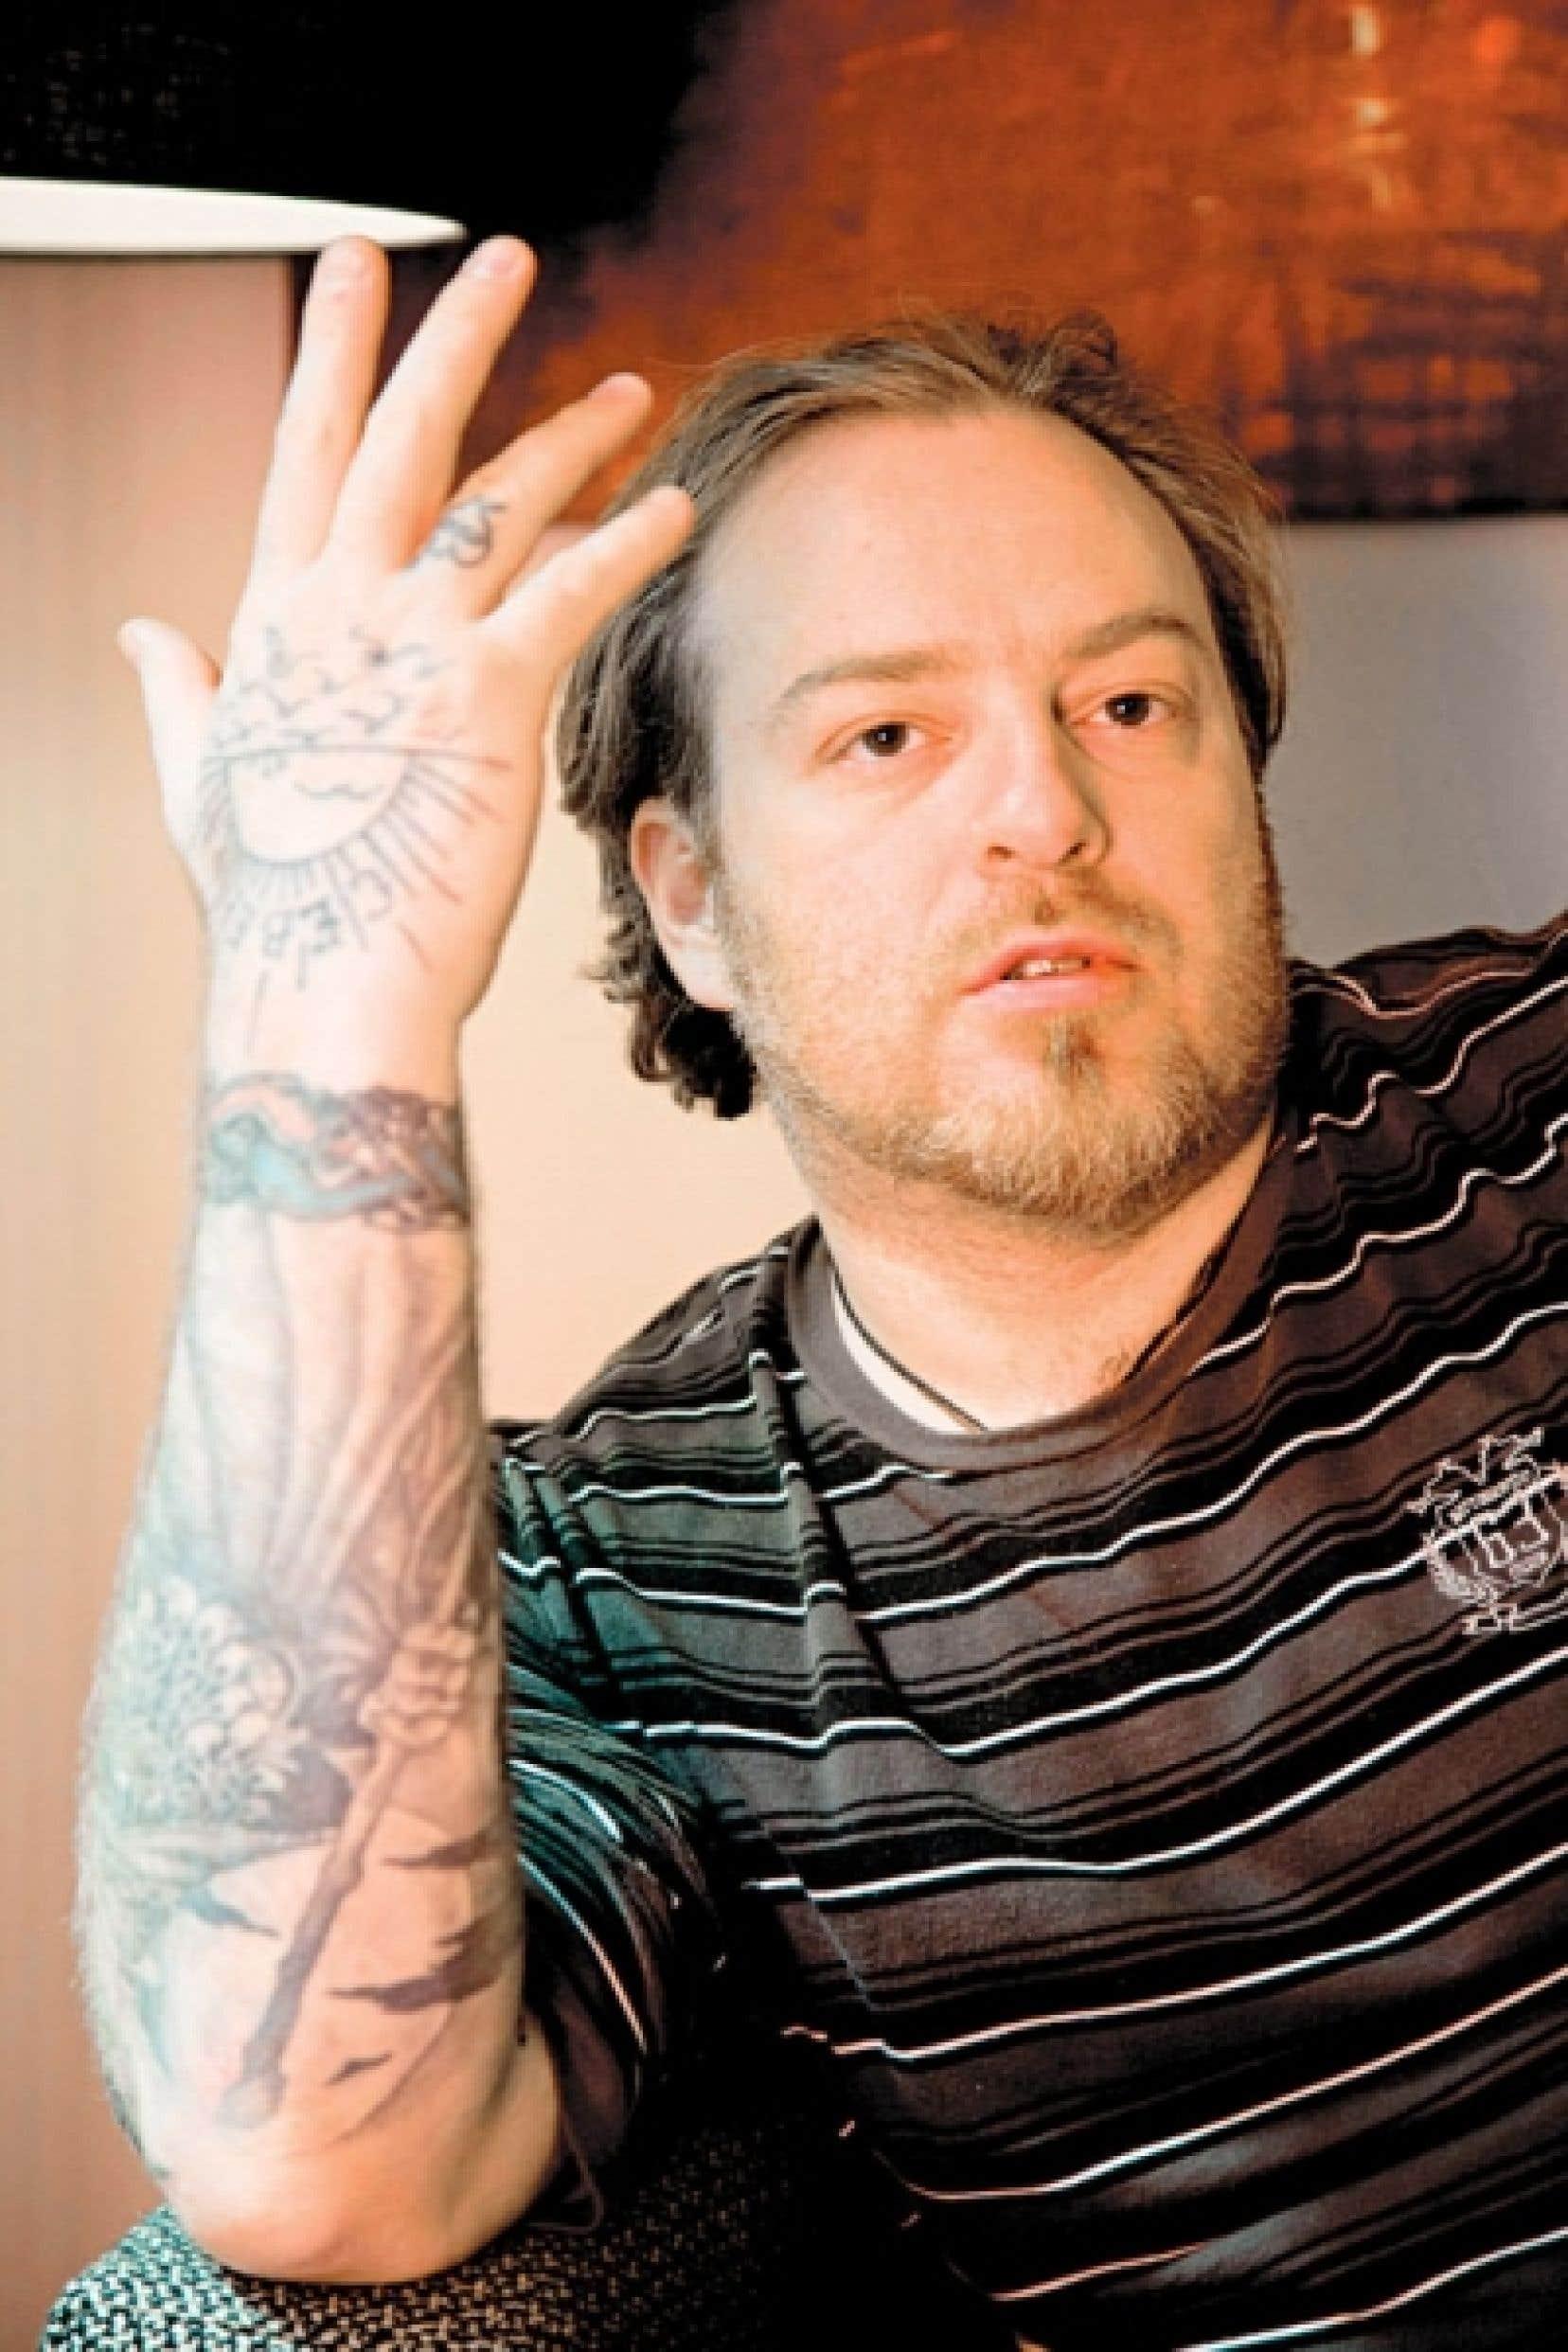 Le chanteur russe Evgueni Nikitine a assuré qu'il ignorait la signification symbolique des motifs qu'il s'était fait tatouer dans sa jeunesse en 1989, 1990 et 1991.